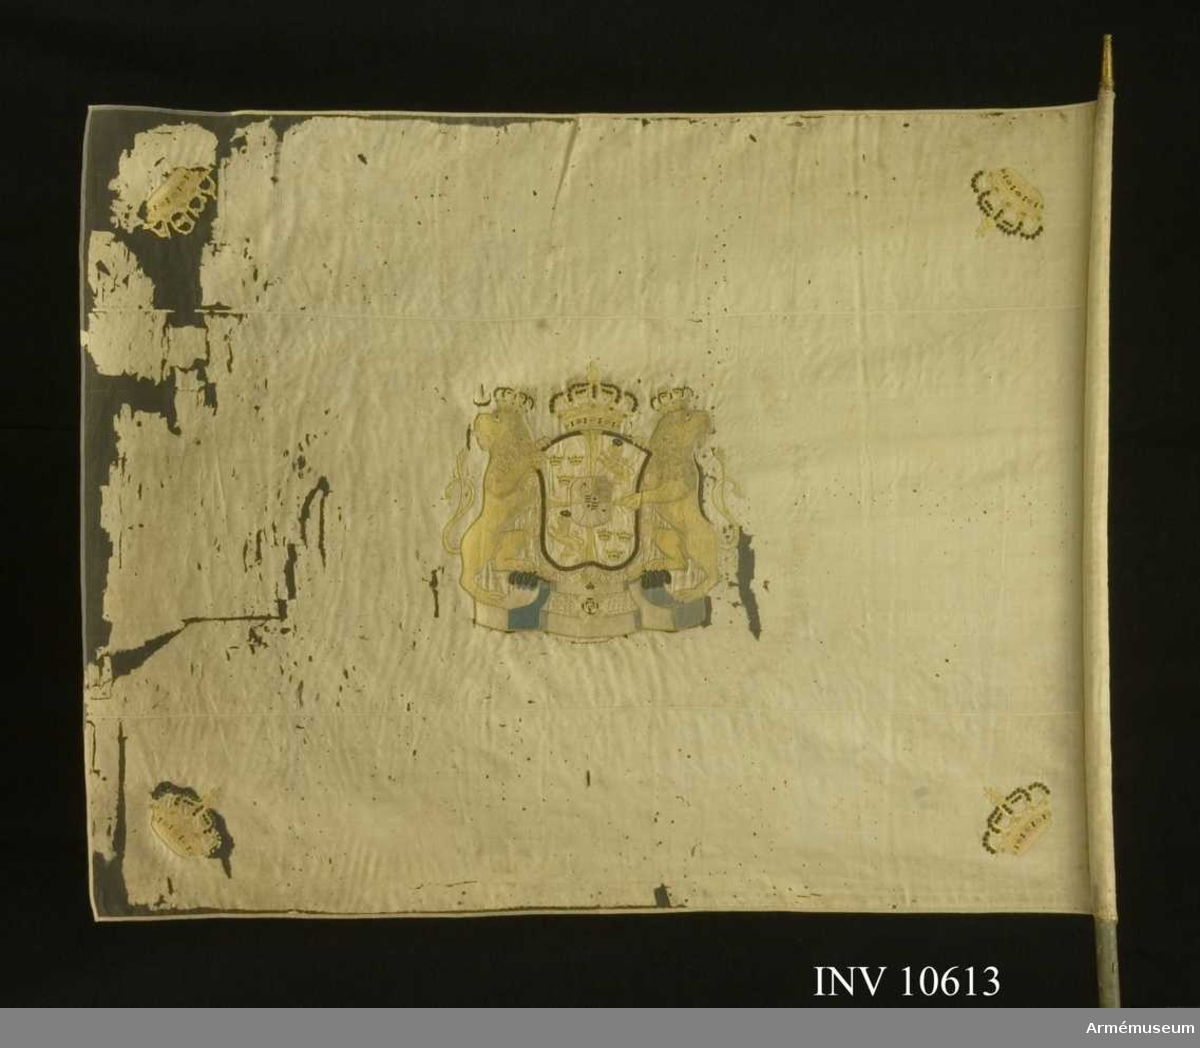 Grupp B.  Livfana. Duk av vit sidenkypert varå broderat å båda sidor, i  mitten svenska riksvapnet under Holstein-Gottorpska huset, skölden guldkantad, behängd med serafimerkedjan, krönt med  sluten kunglig krona i gult silke, med foder i rött silke och  pärlor i silver jämte de utåtseende, dubbelsvansade, med slutna kronor sköldhållande lejonen vilande på ett postament i blått  silke, i hörnen kronor liknande riksvapnets, kantad med vitt  sidenband, fäst med vitt sidenband och förgyllda spikar.Stång av furu, gråmålad, avsågad ovan fanan 22 mm, nedan 38. Holk av förgylld mässing.